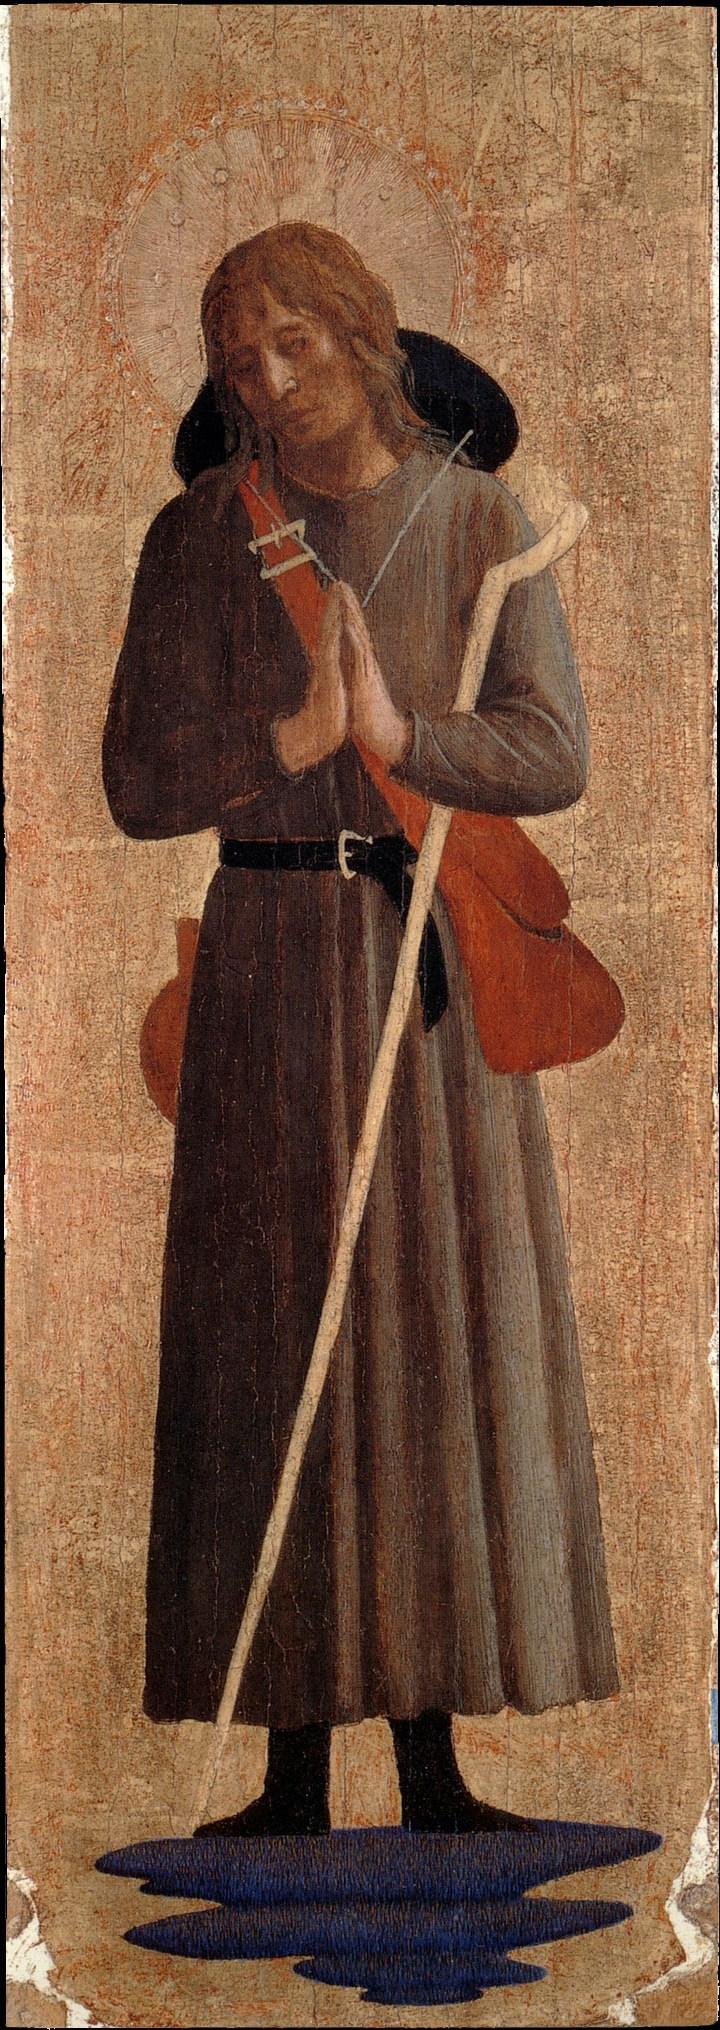 Фра Беато Анджелико. Святой Рох. Пилястра алтаря монастыря Сан Марко